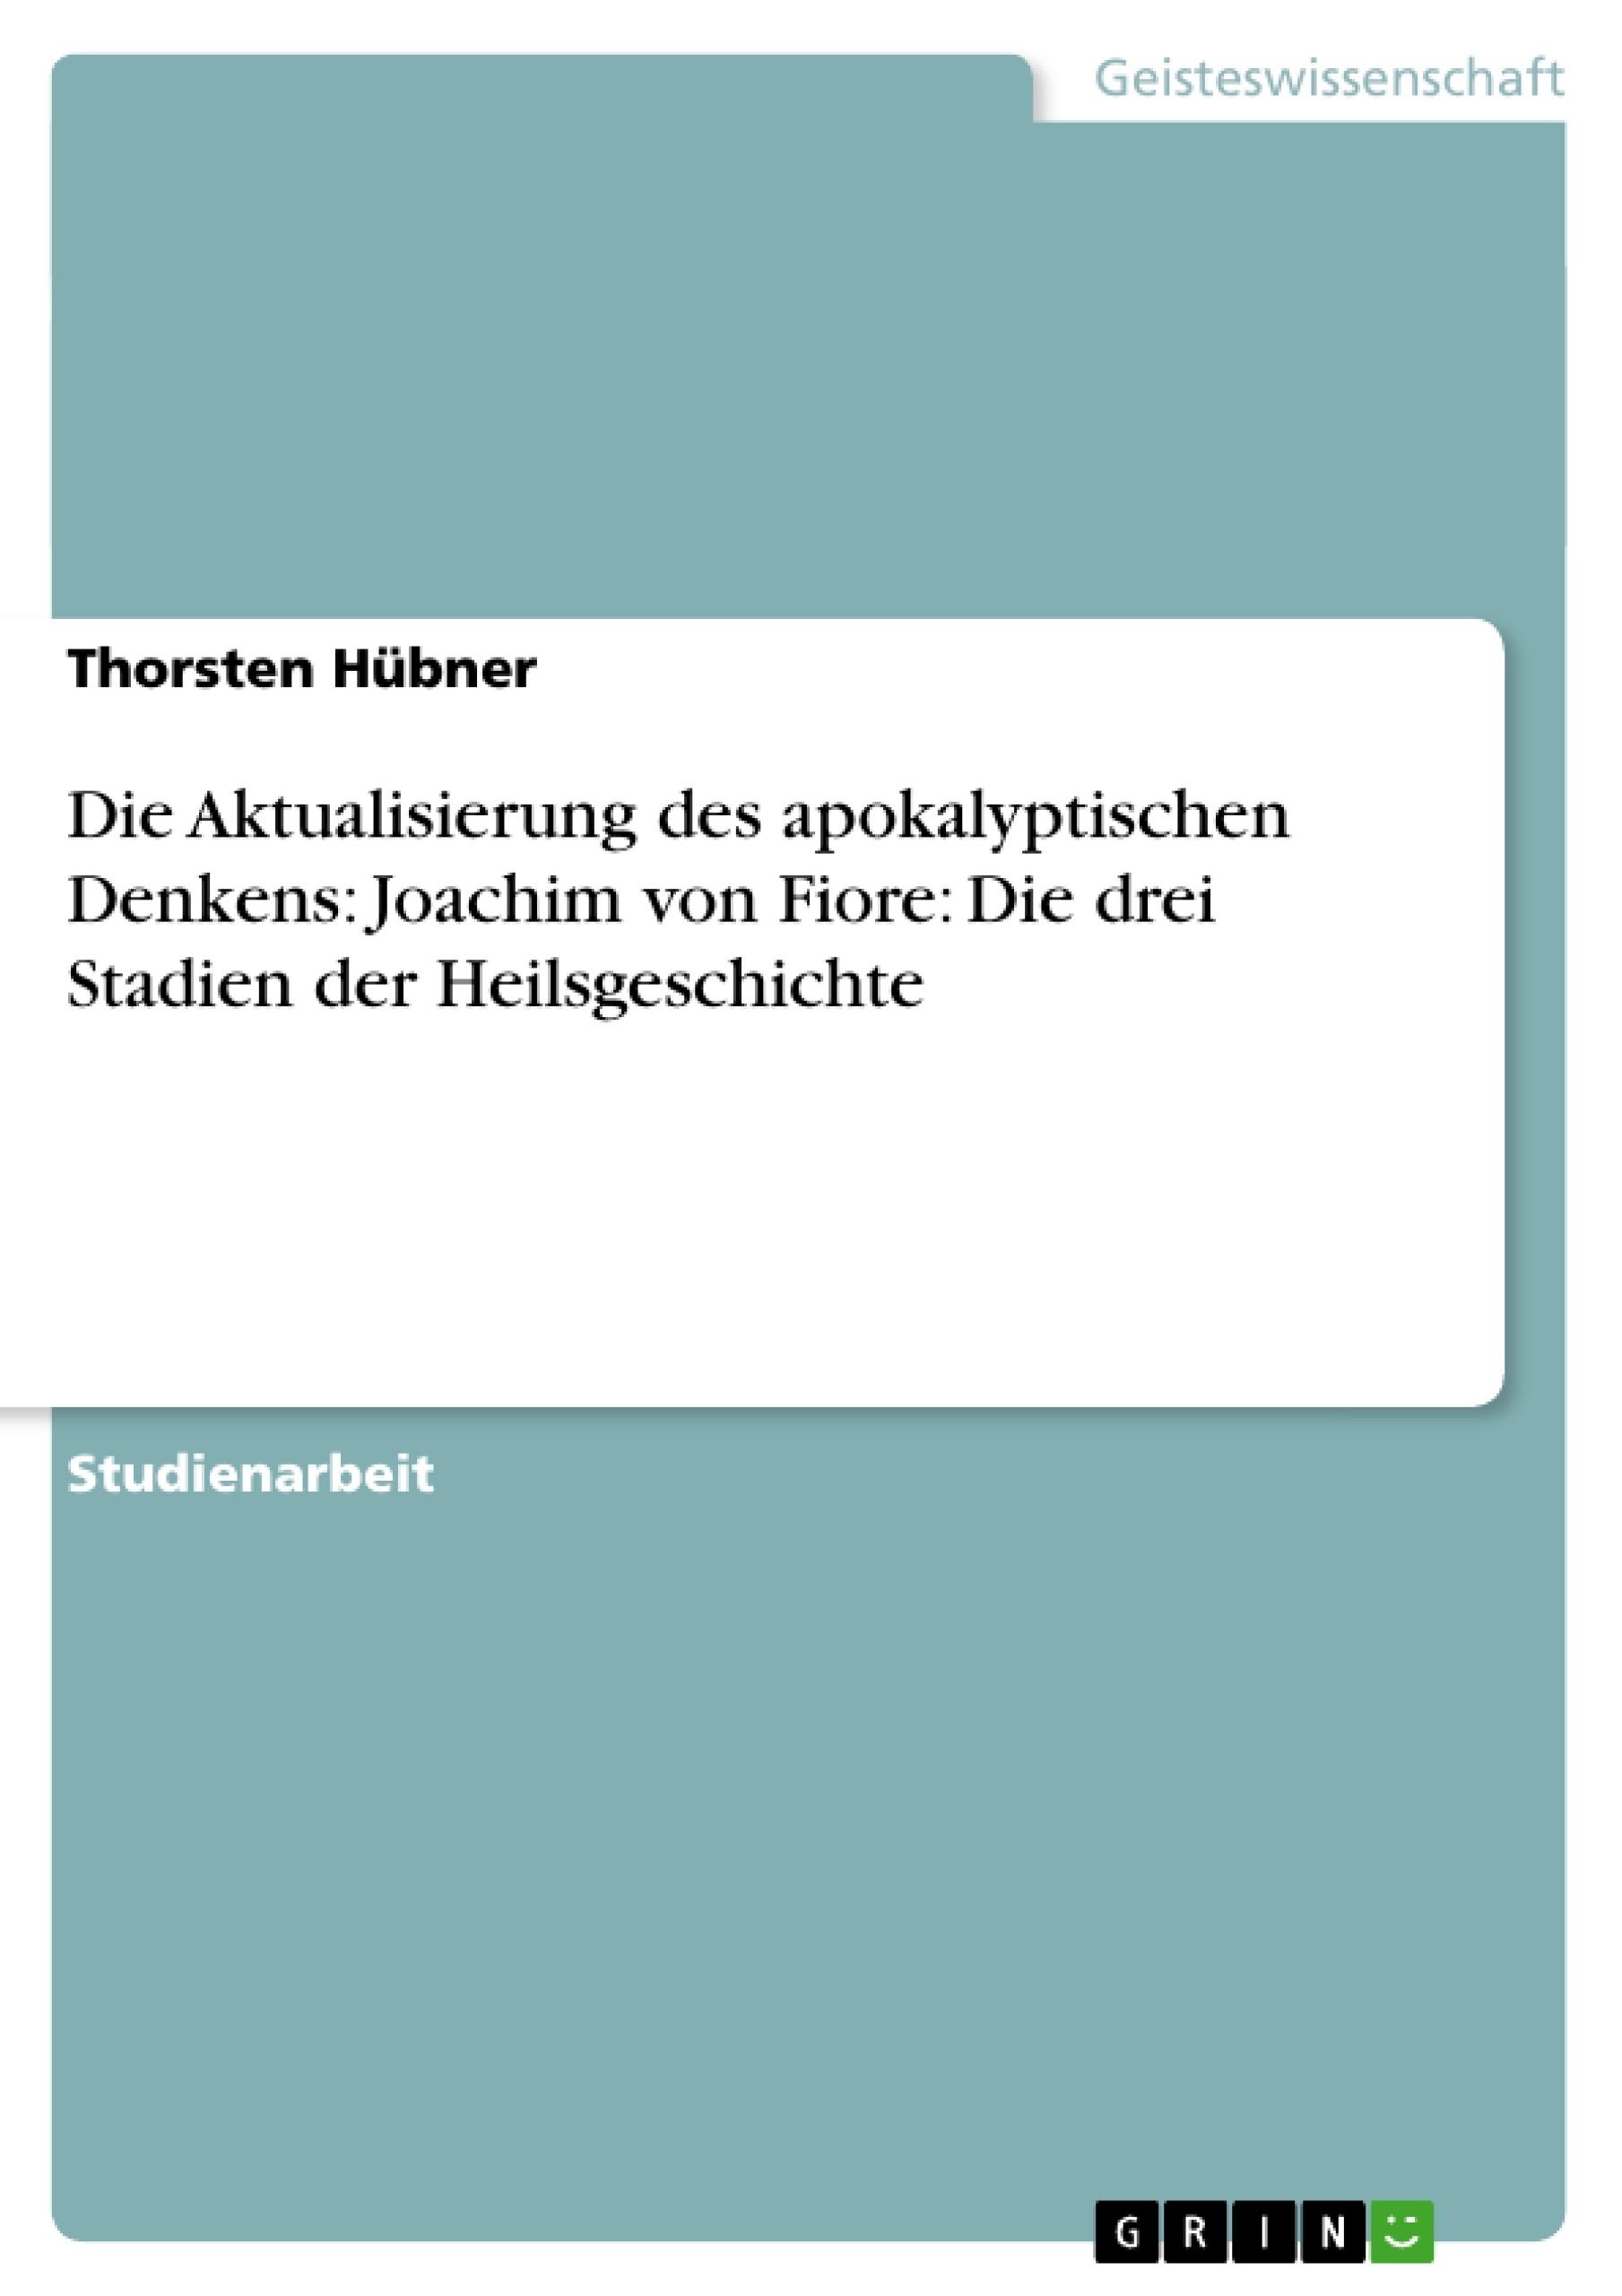 Titel: Die Aktualisierung des apokalyptischen Denkens: Joachim von Fiore: Die drei Stadien der Heilsgeschichte